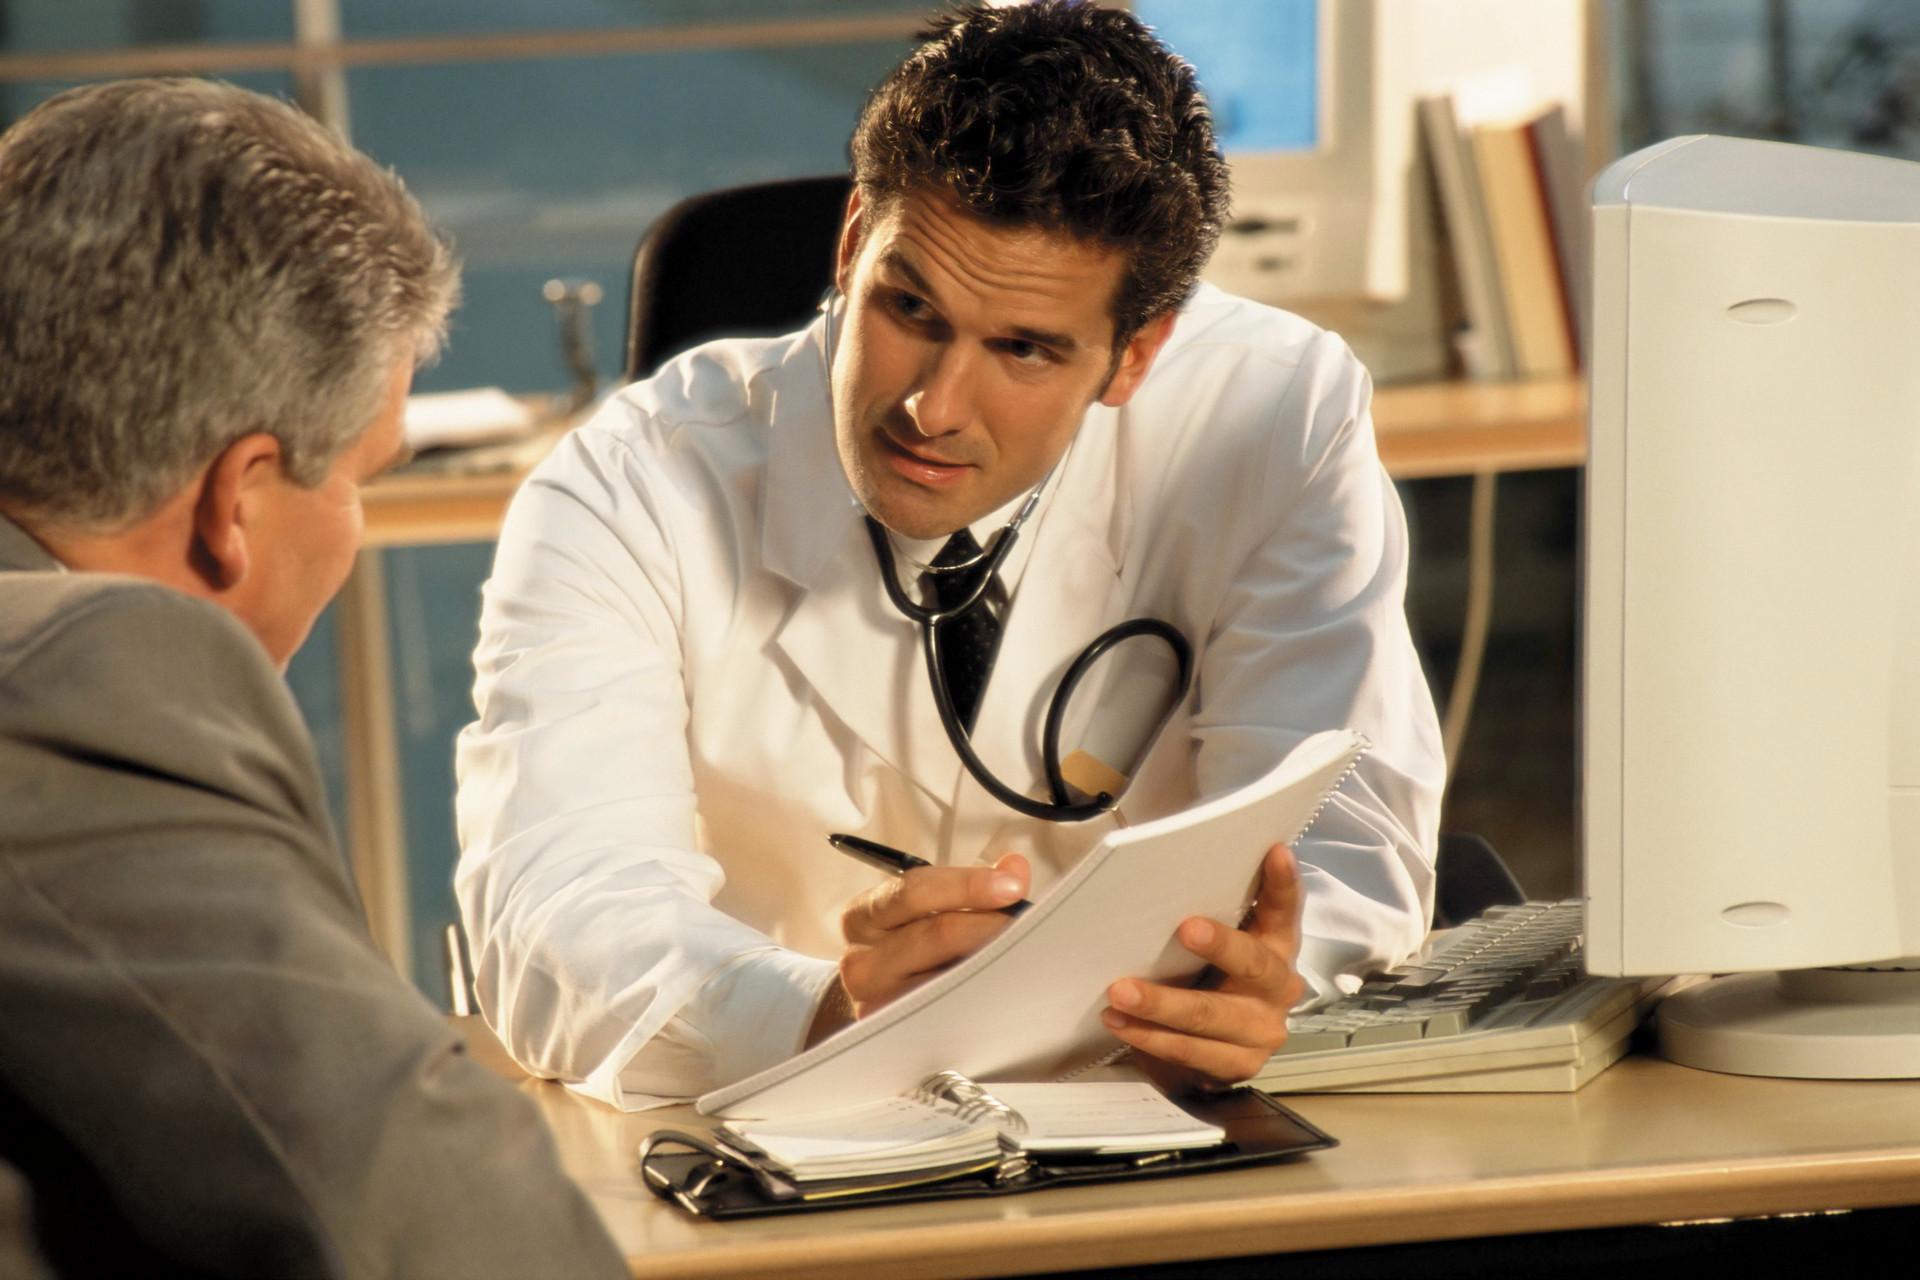 池州健康管理师的培训机构